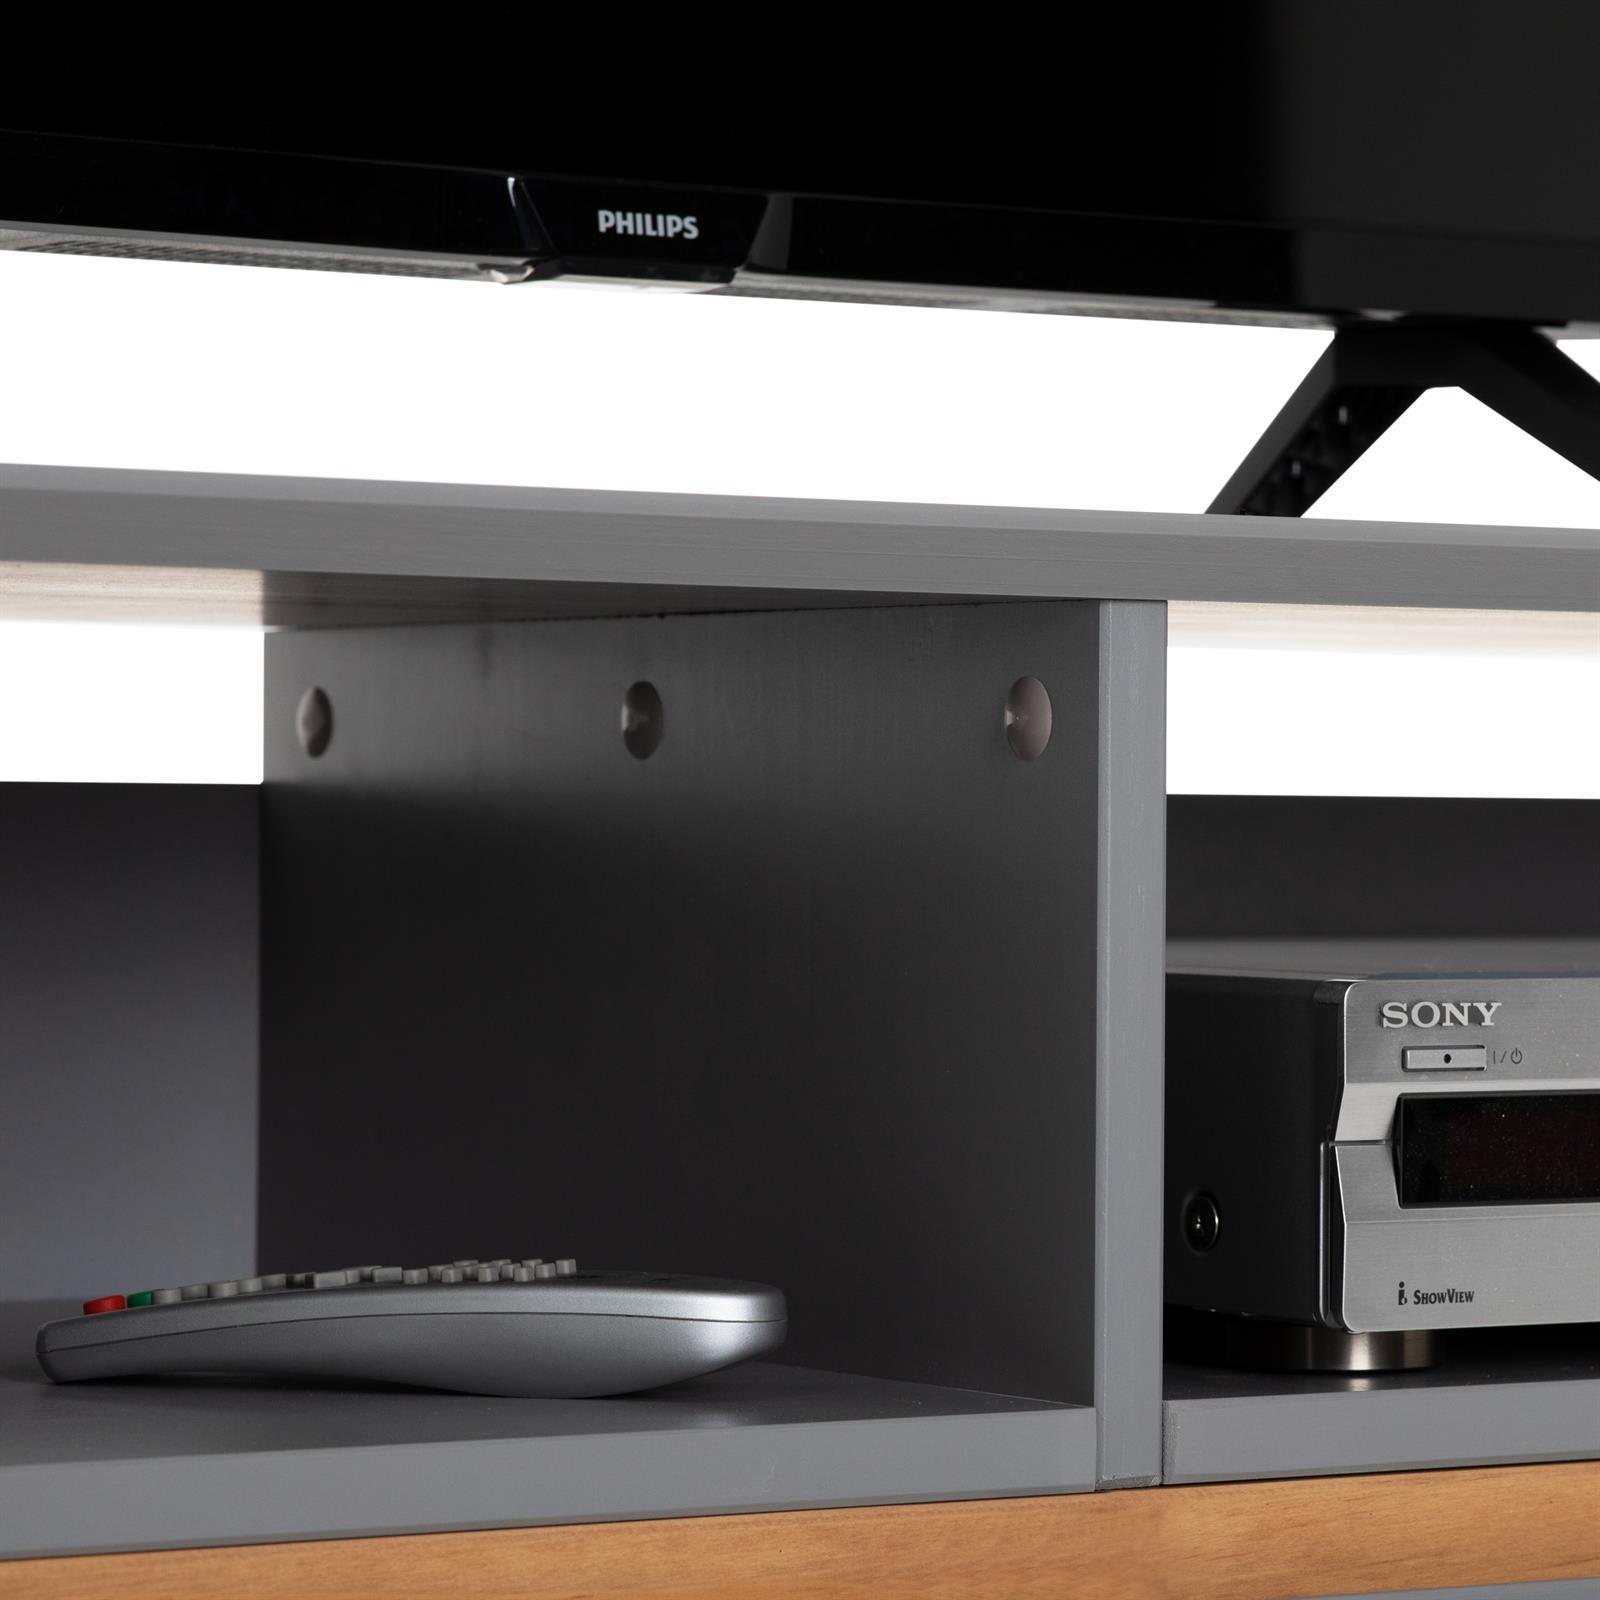 lowboard tv mobel fersehschrank fernsehmobel skandinavisch